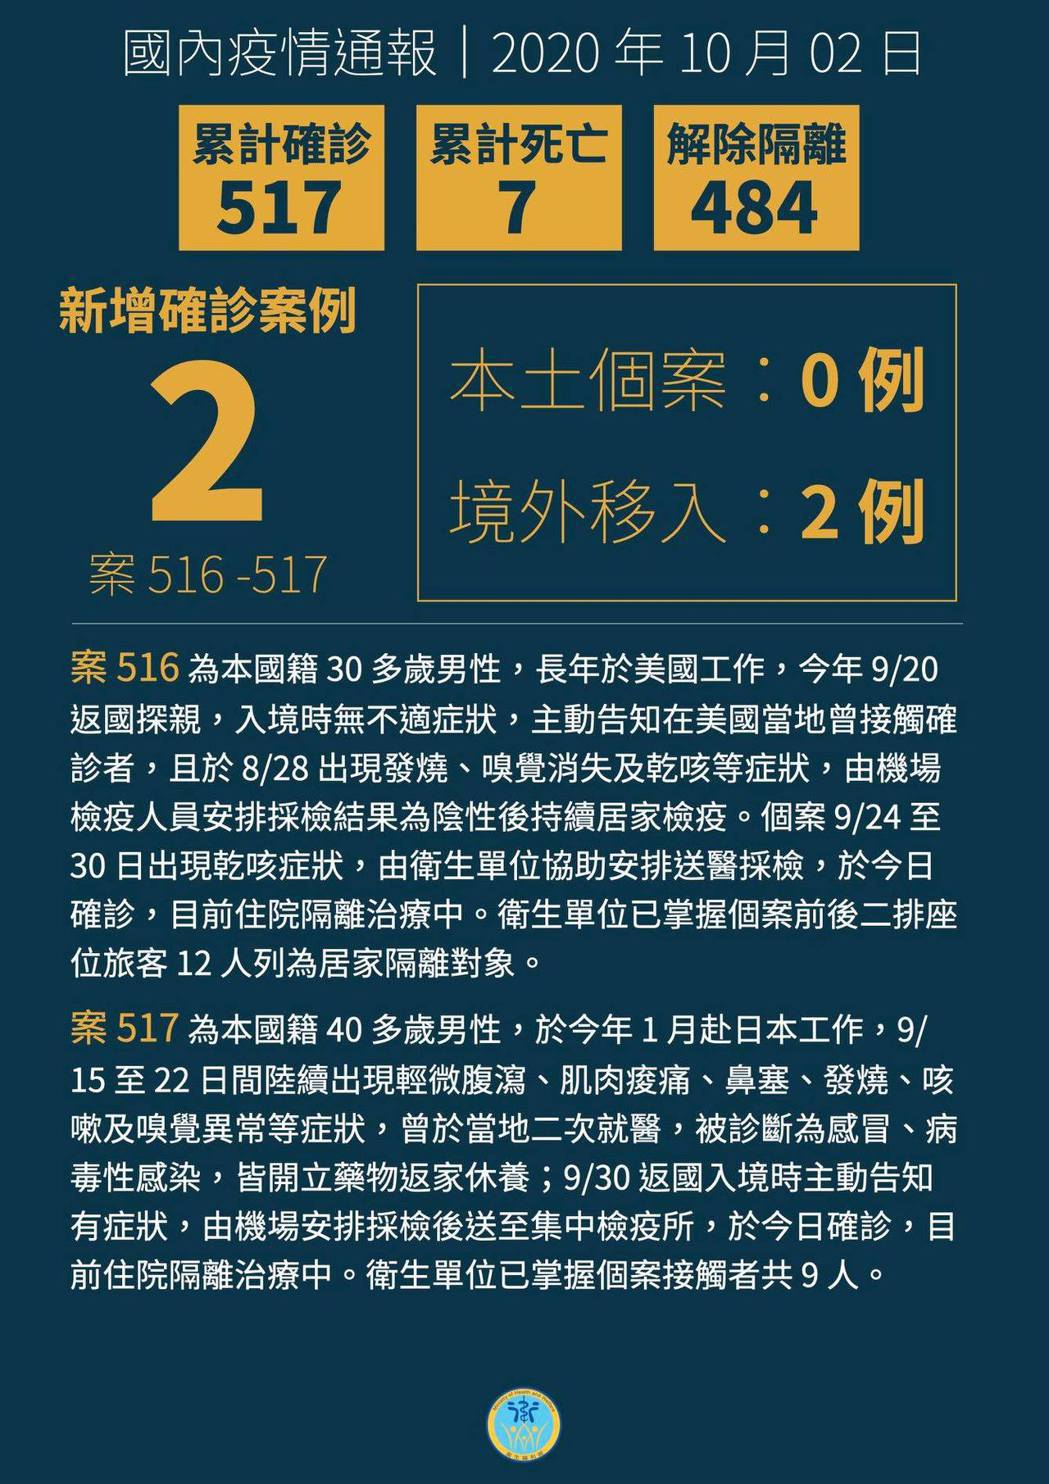 中央流行疫情指揮中心今公布國內新增2例境外移入COVID-19(武漢肺炎)病例,...